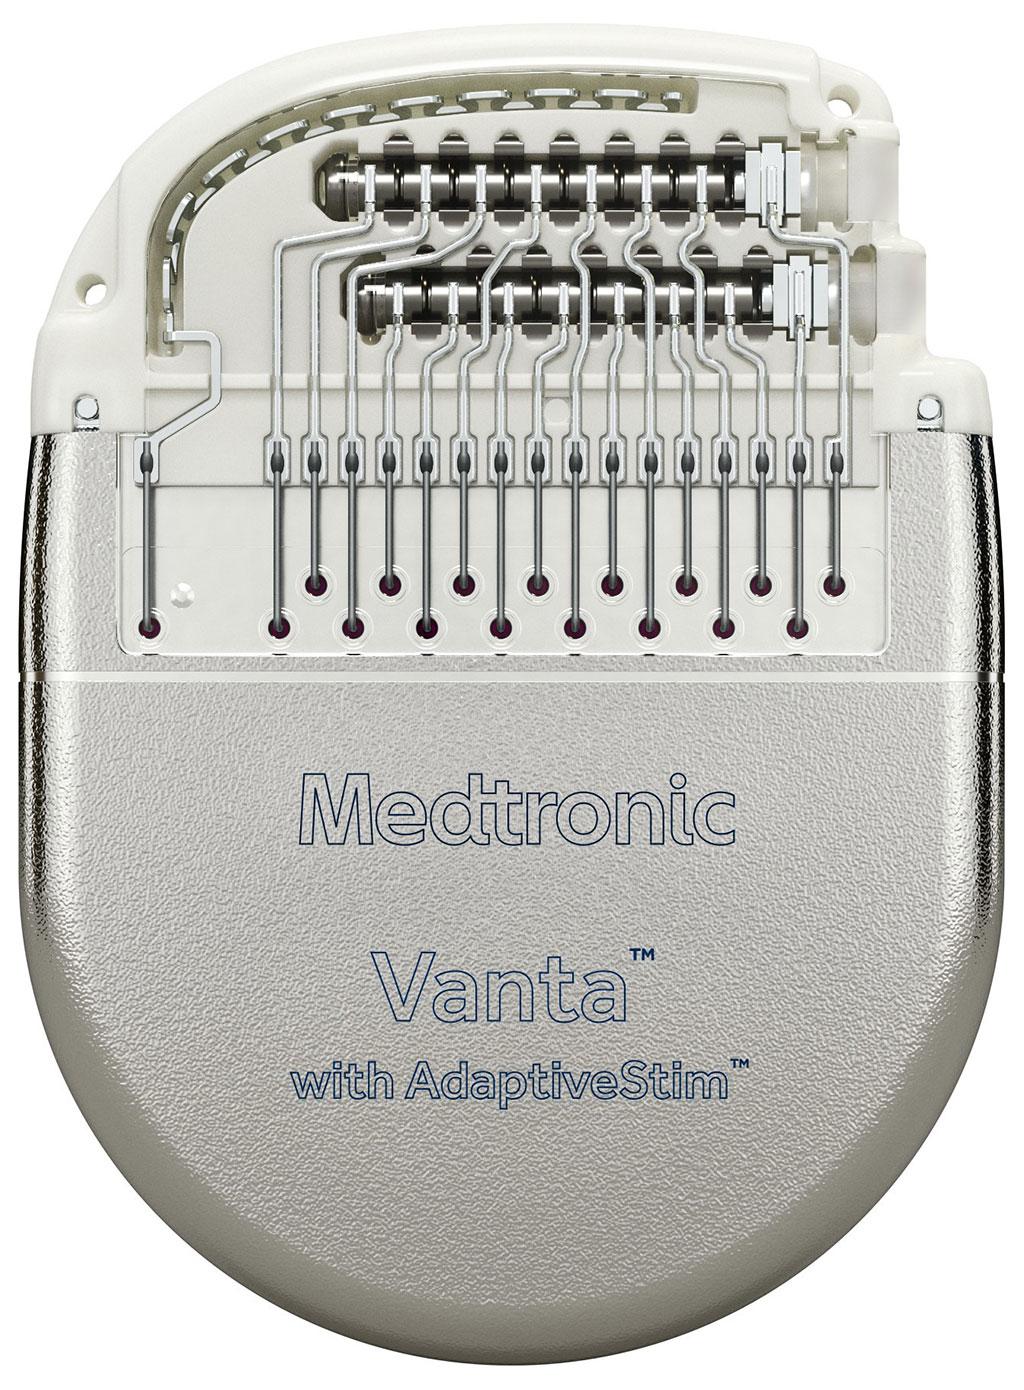 Image: The Vanta SCS implantable neurostimulator (Photo courtesy of Medtronic)